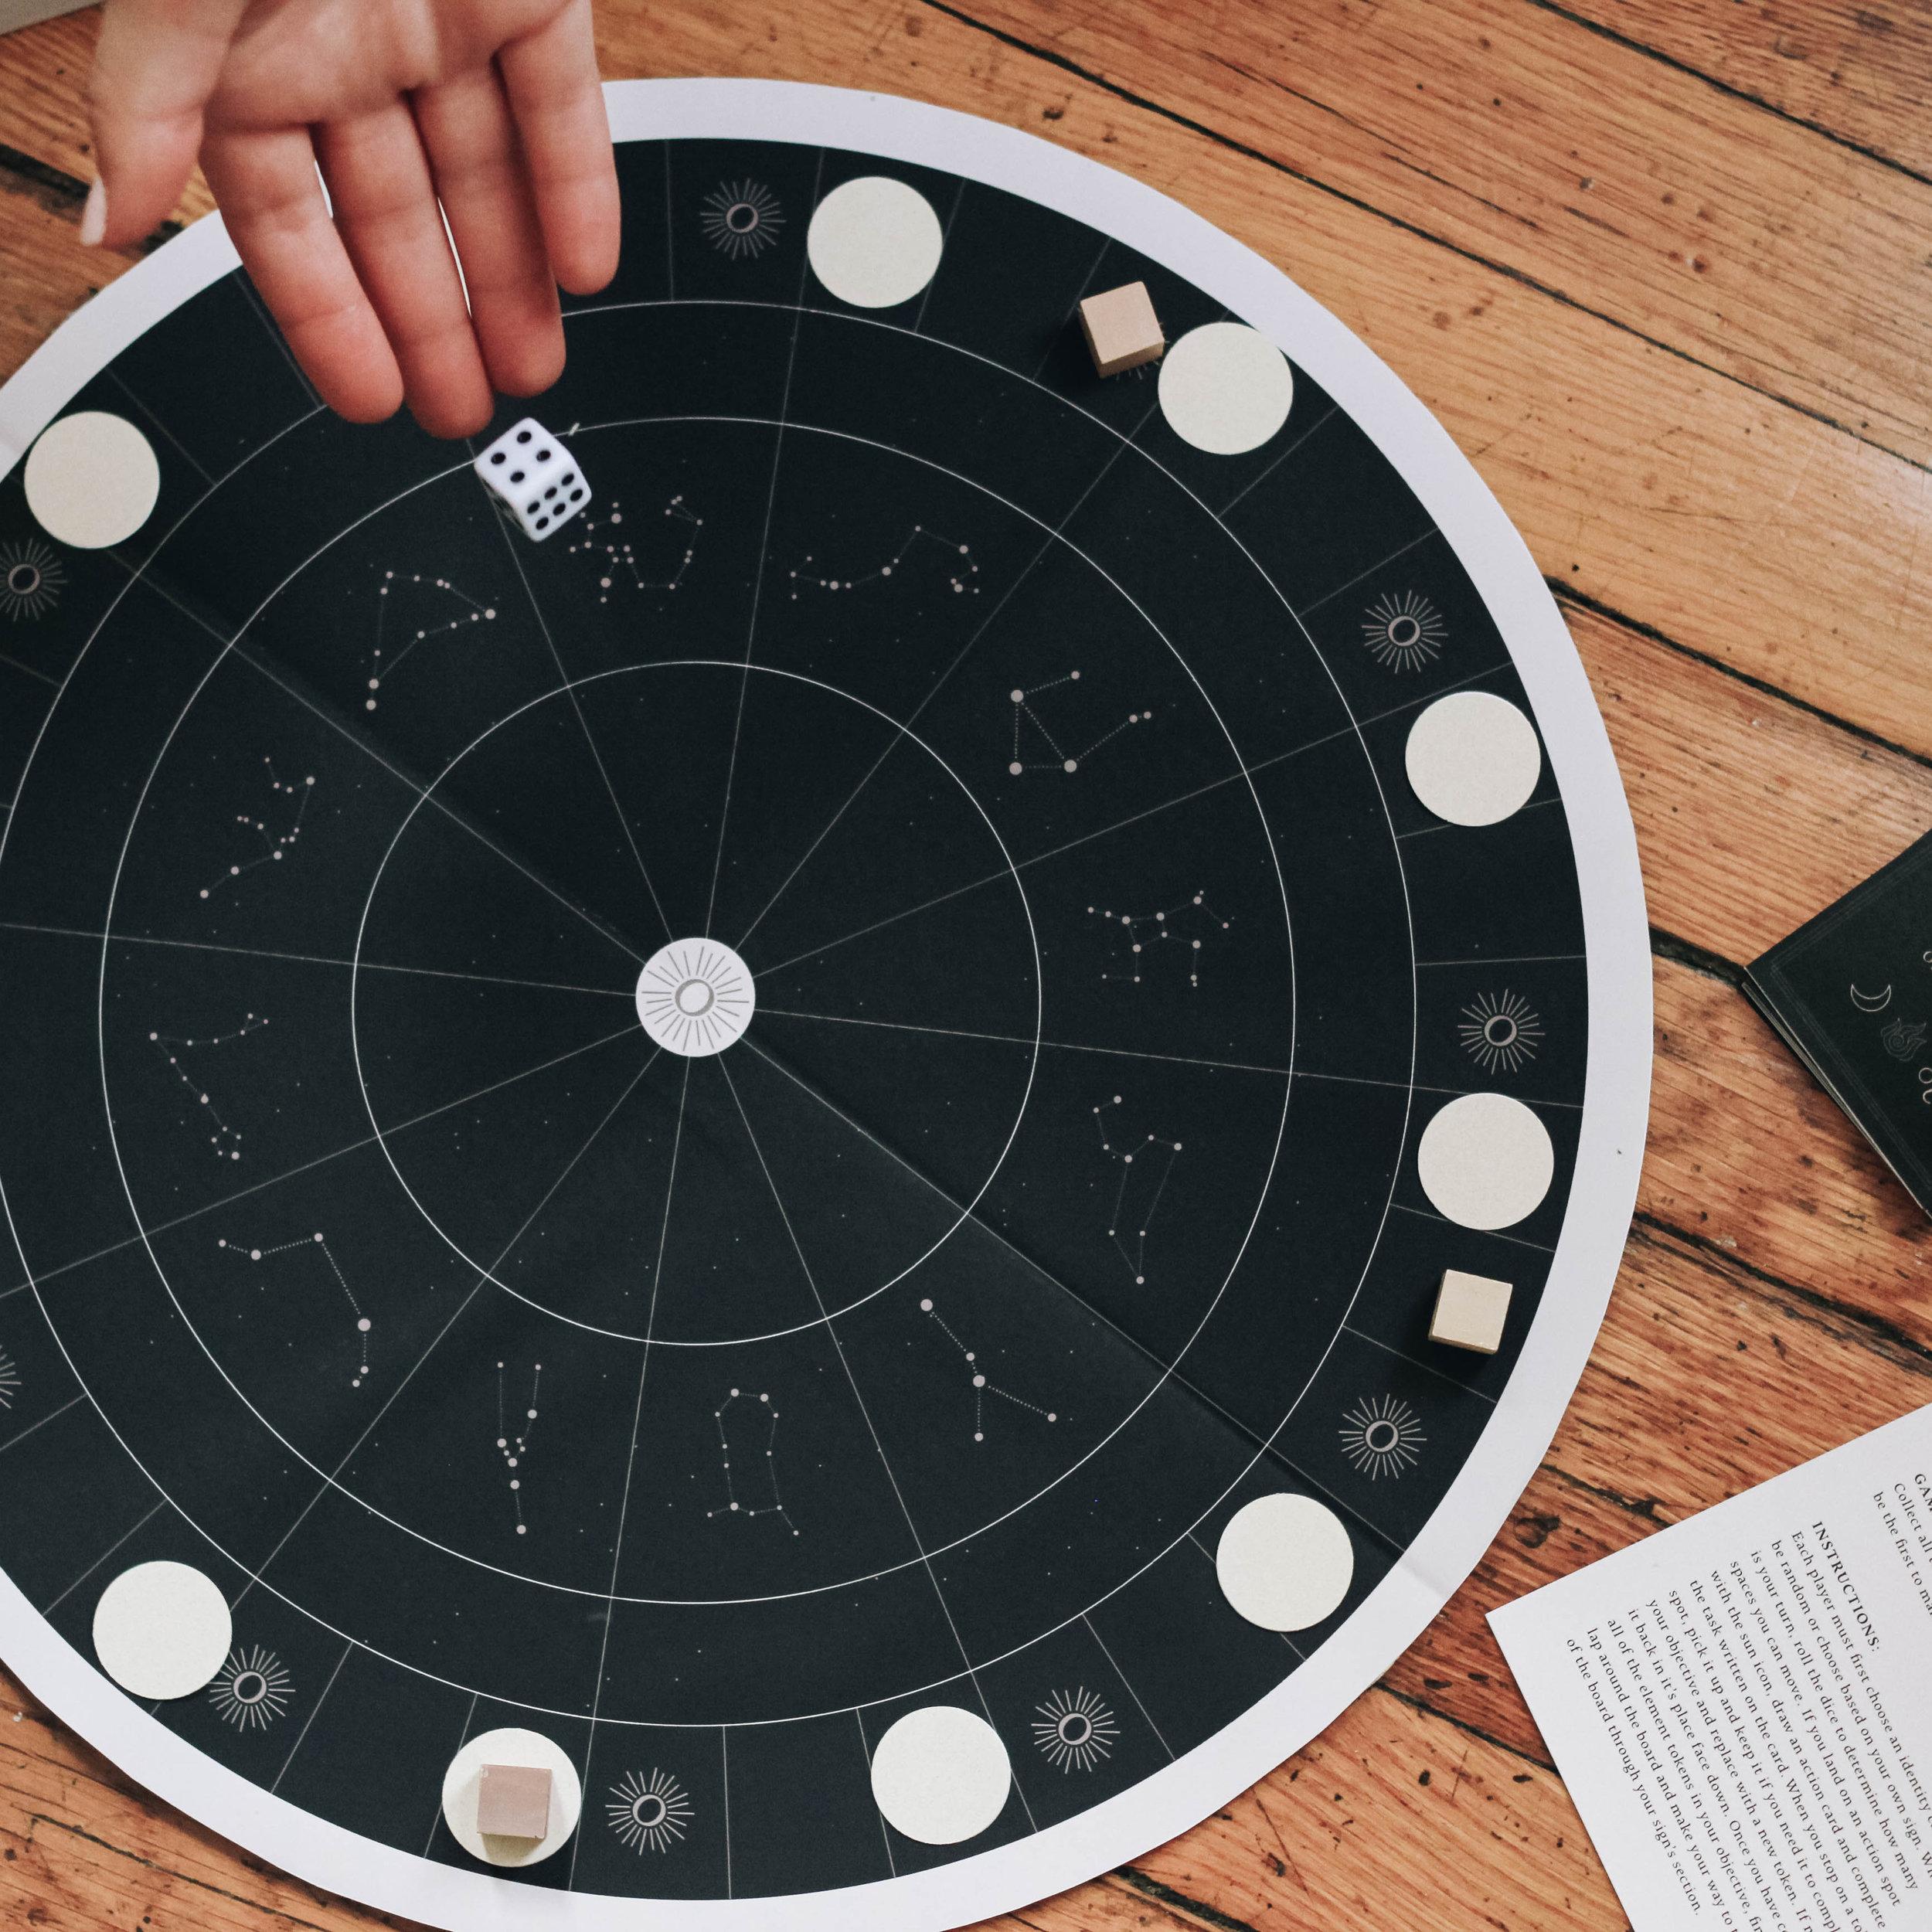 Retrograde Board Game